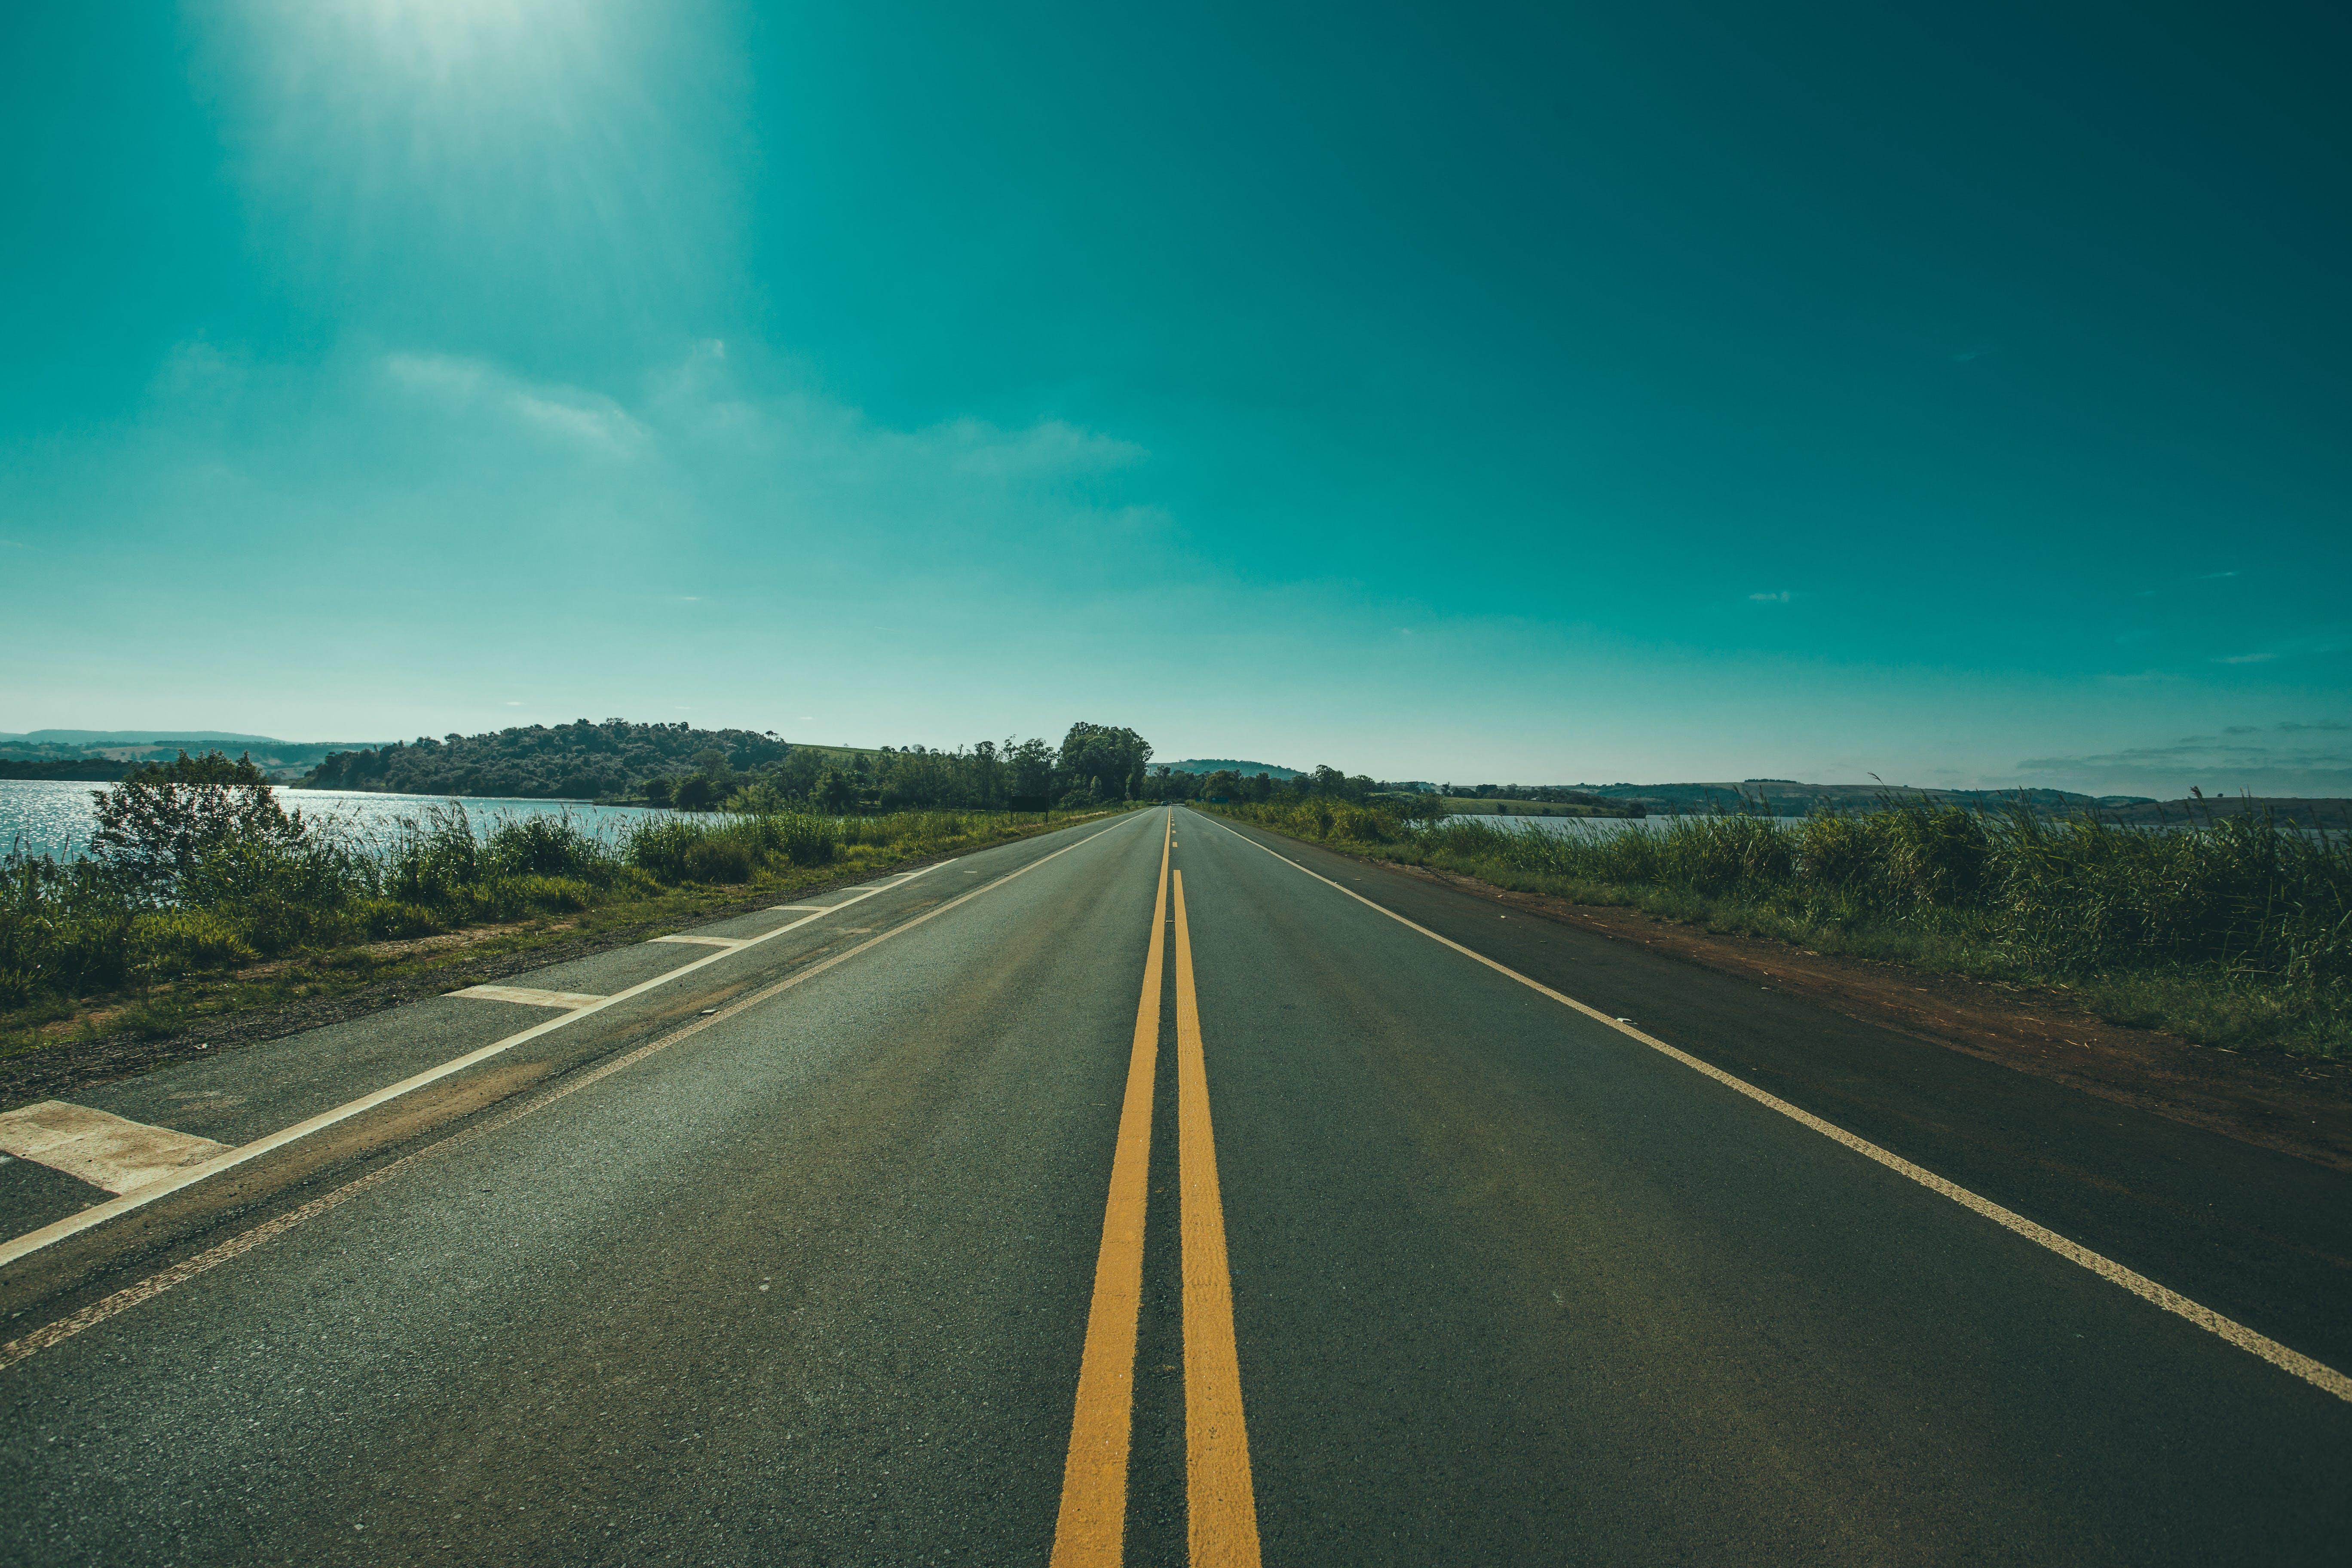 Foto d'estoc gratuïta de arbres, asfalt, autopista, buit